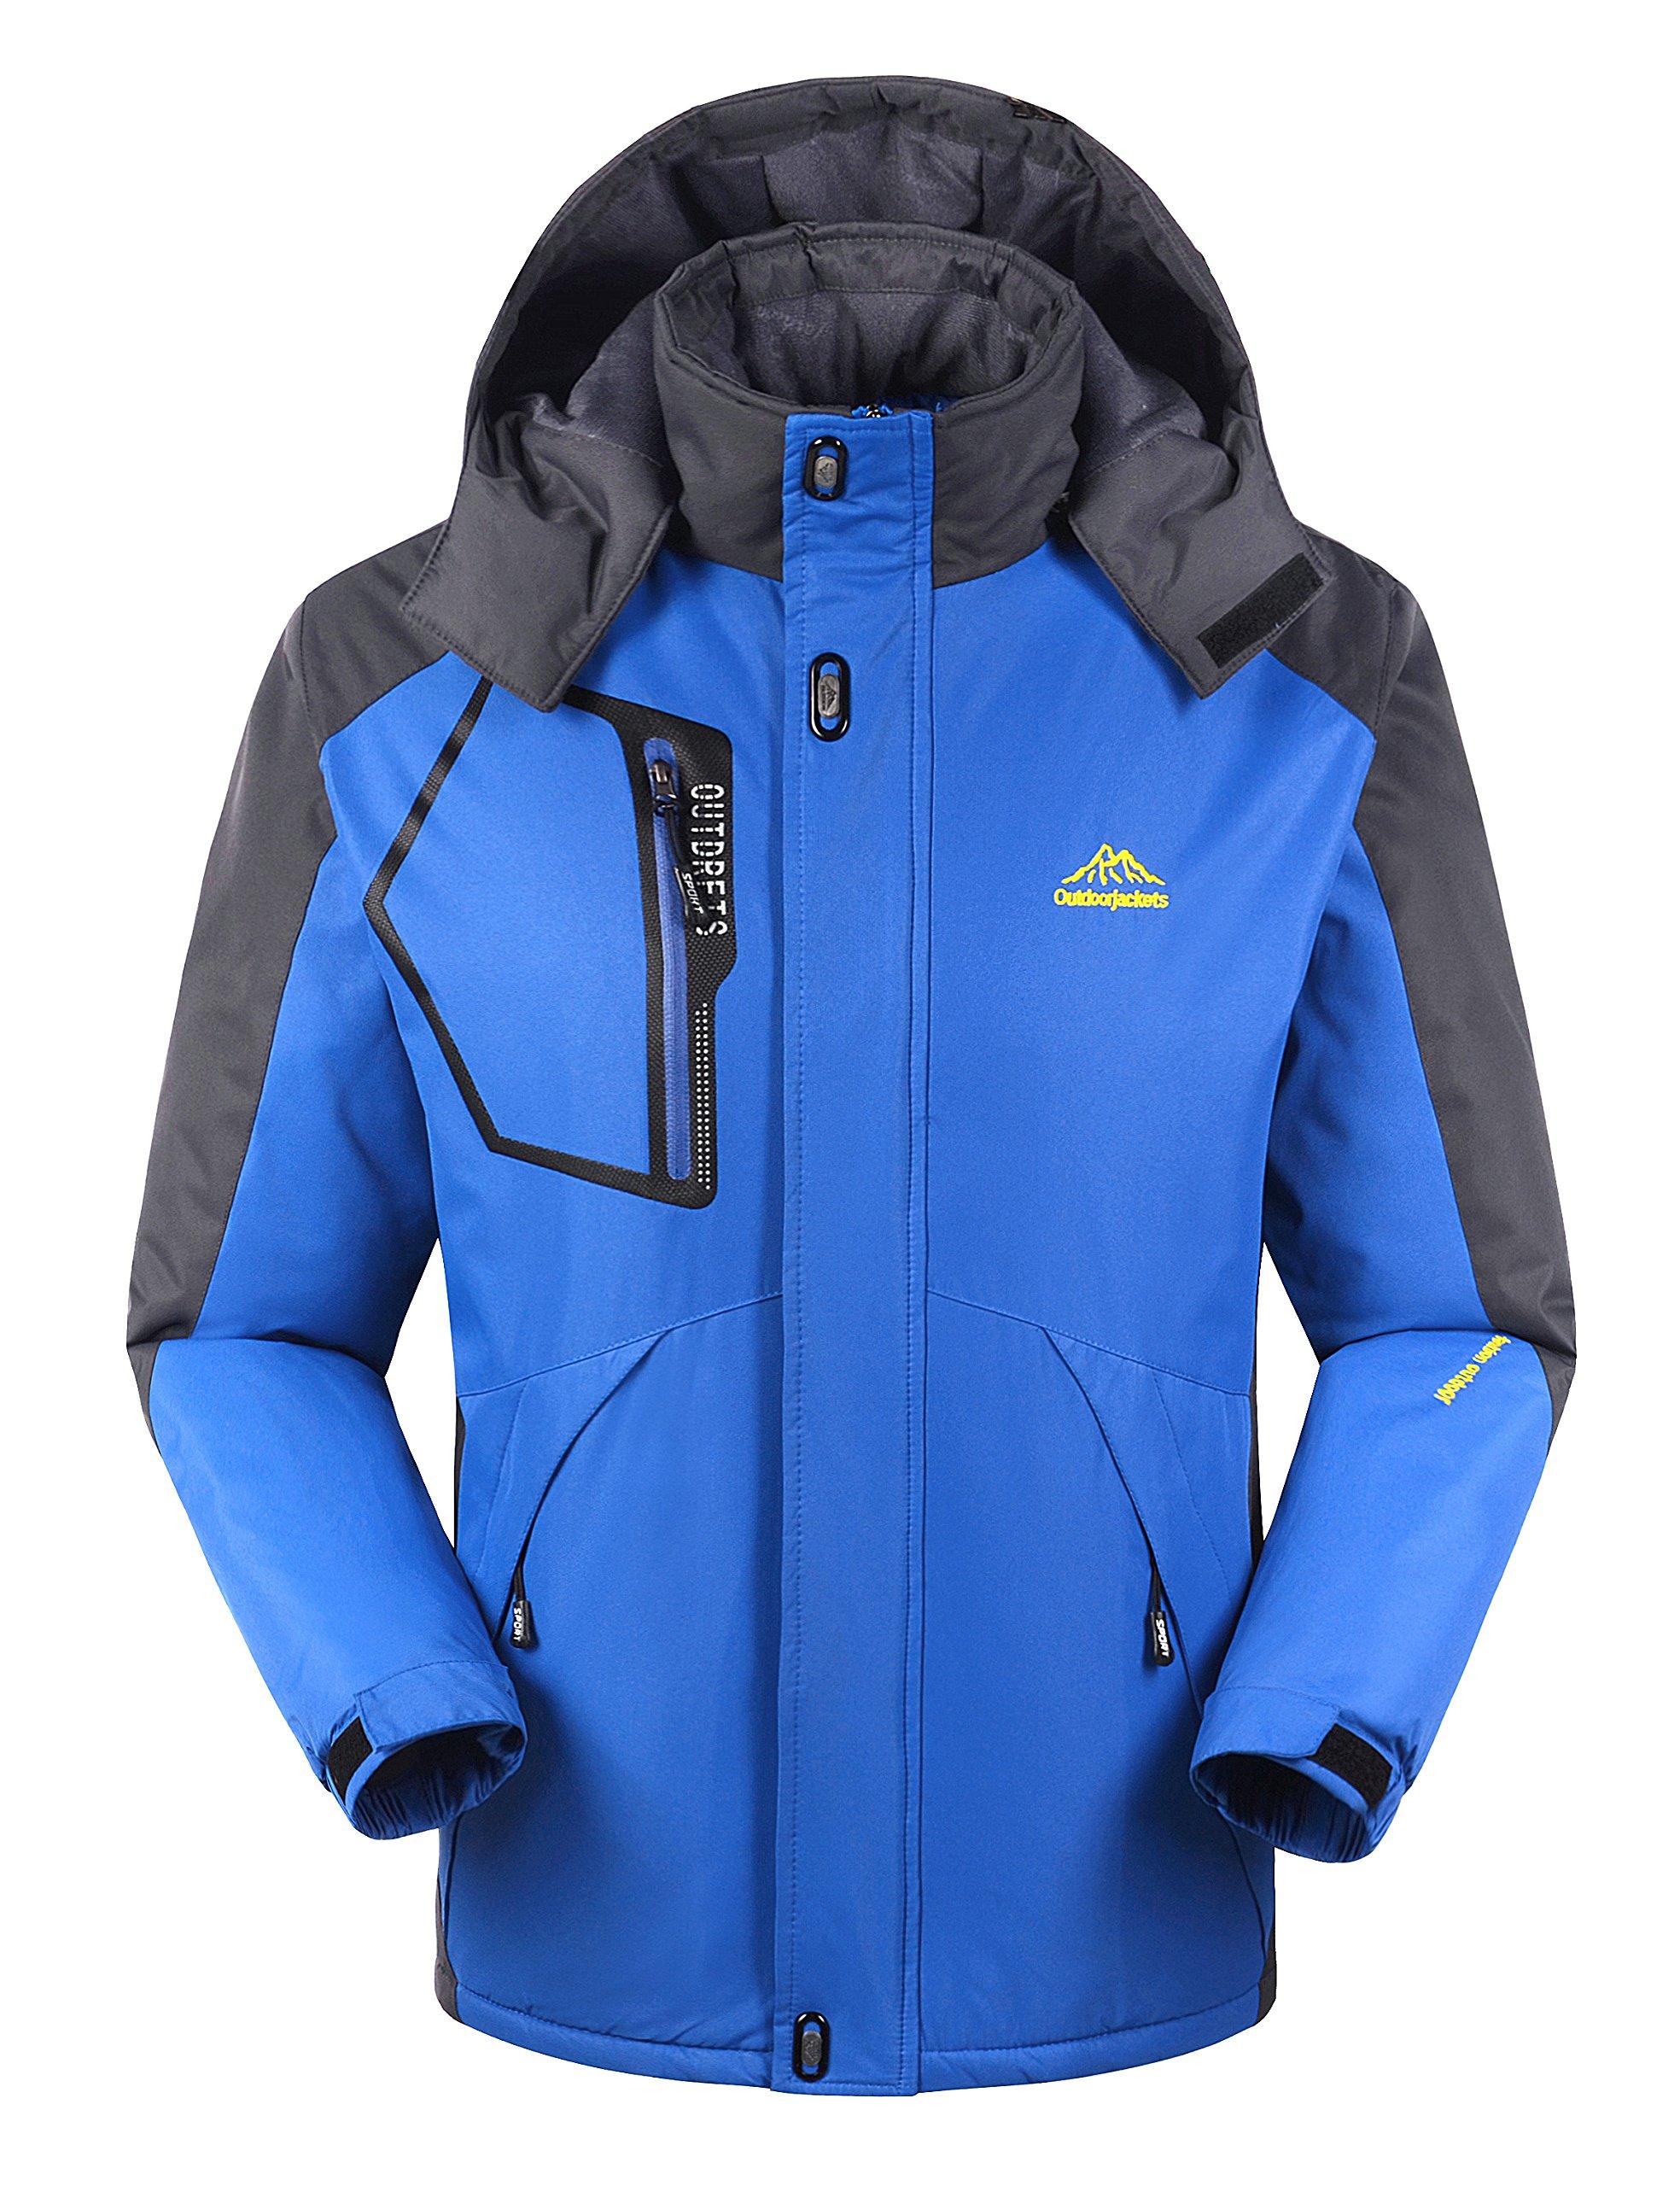 iLoveSIA Men's Mountain Waterproof Fleece Ski Jacket Windproof Rain Jacket Blue Size XL